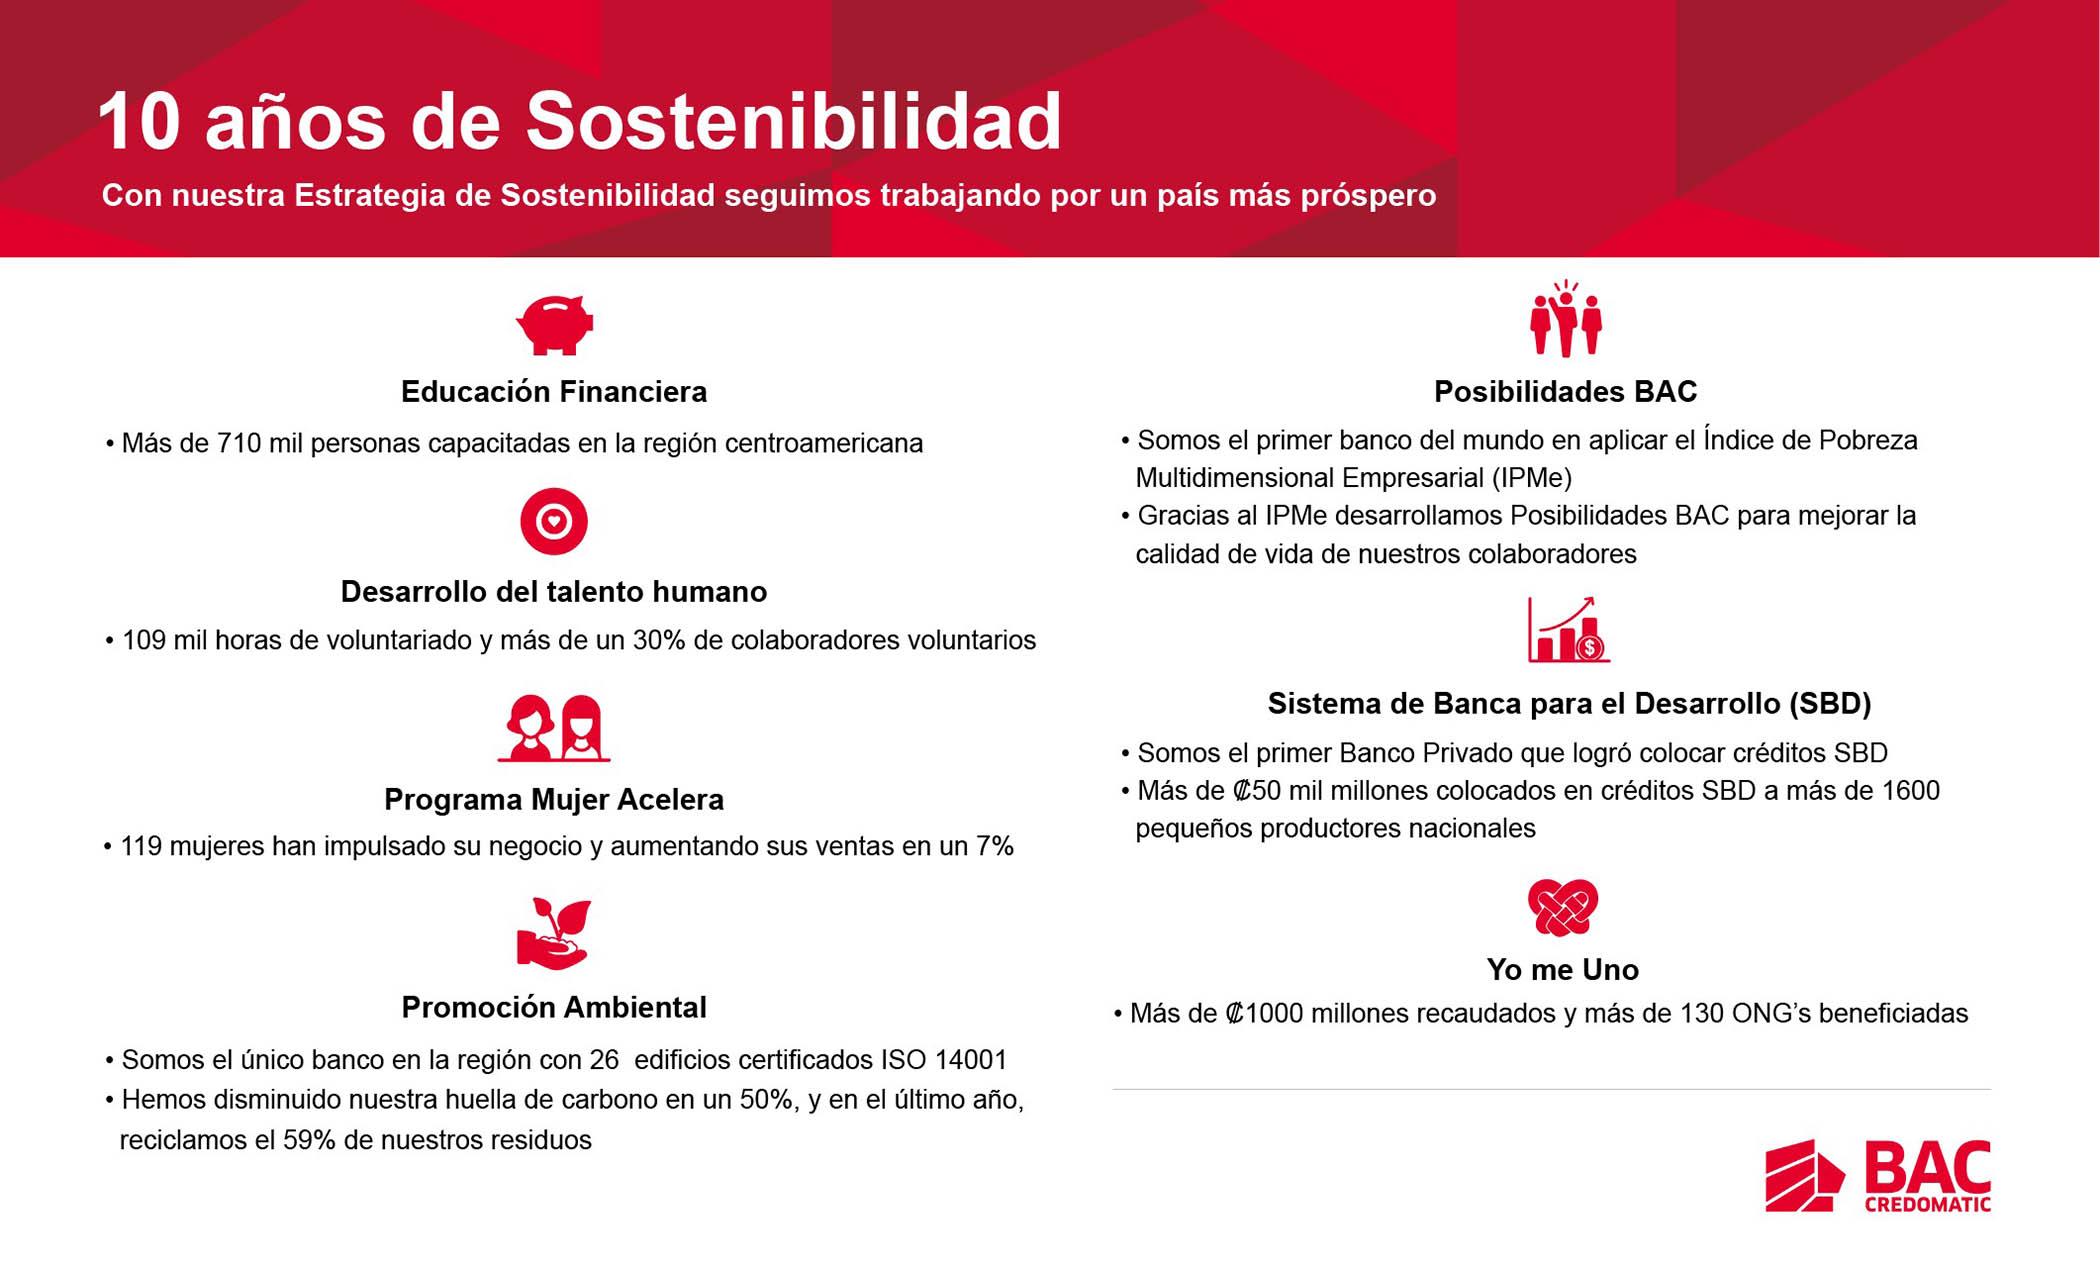 10 años de Sostenibilidad - Impactos que hemos logrado